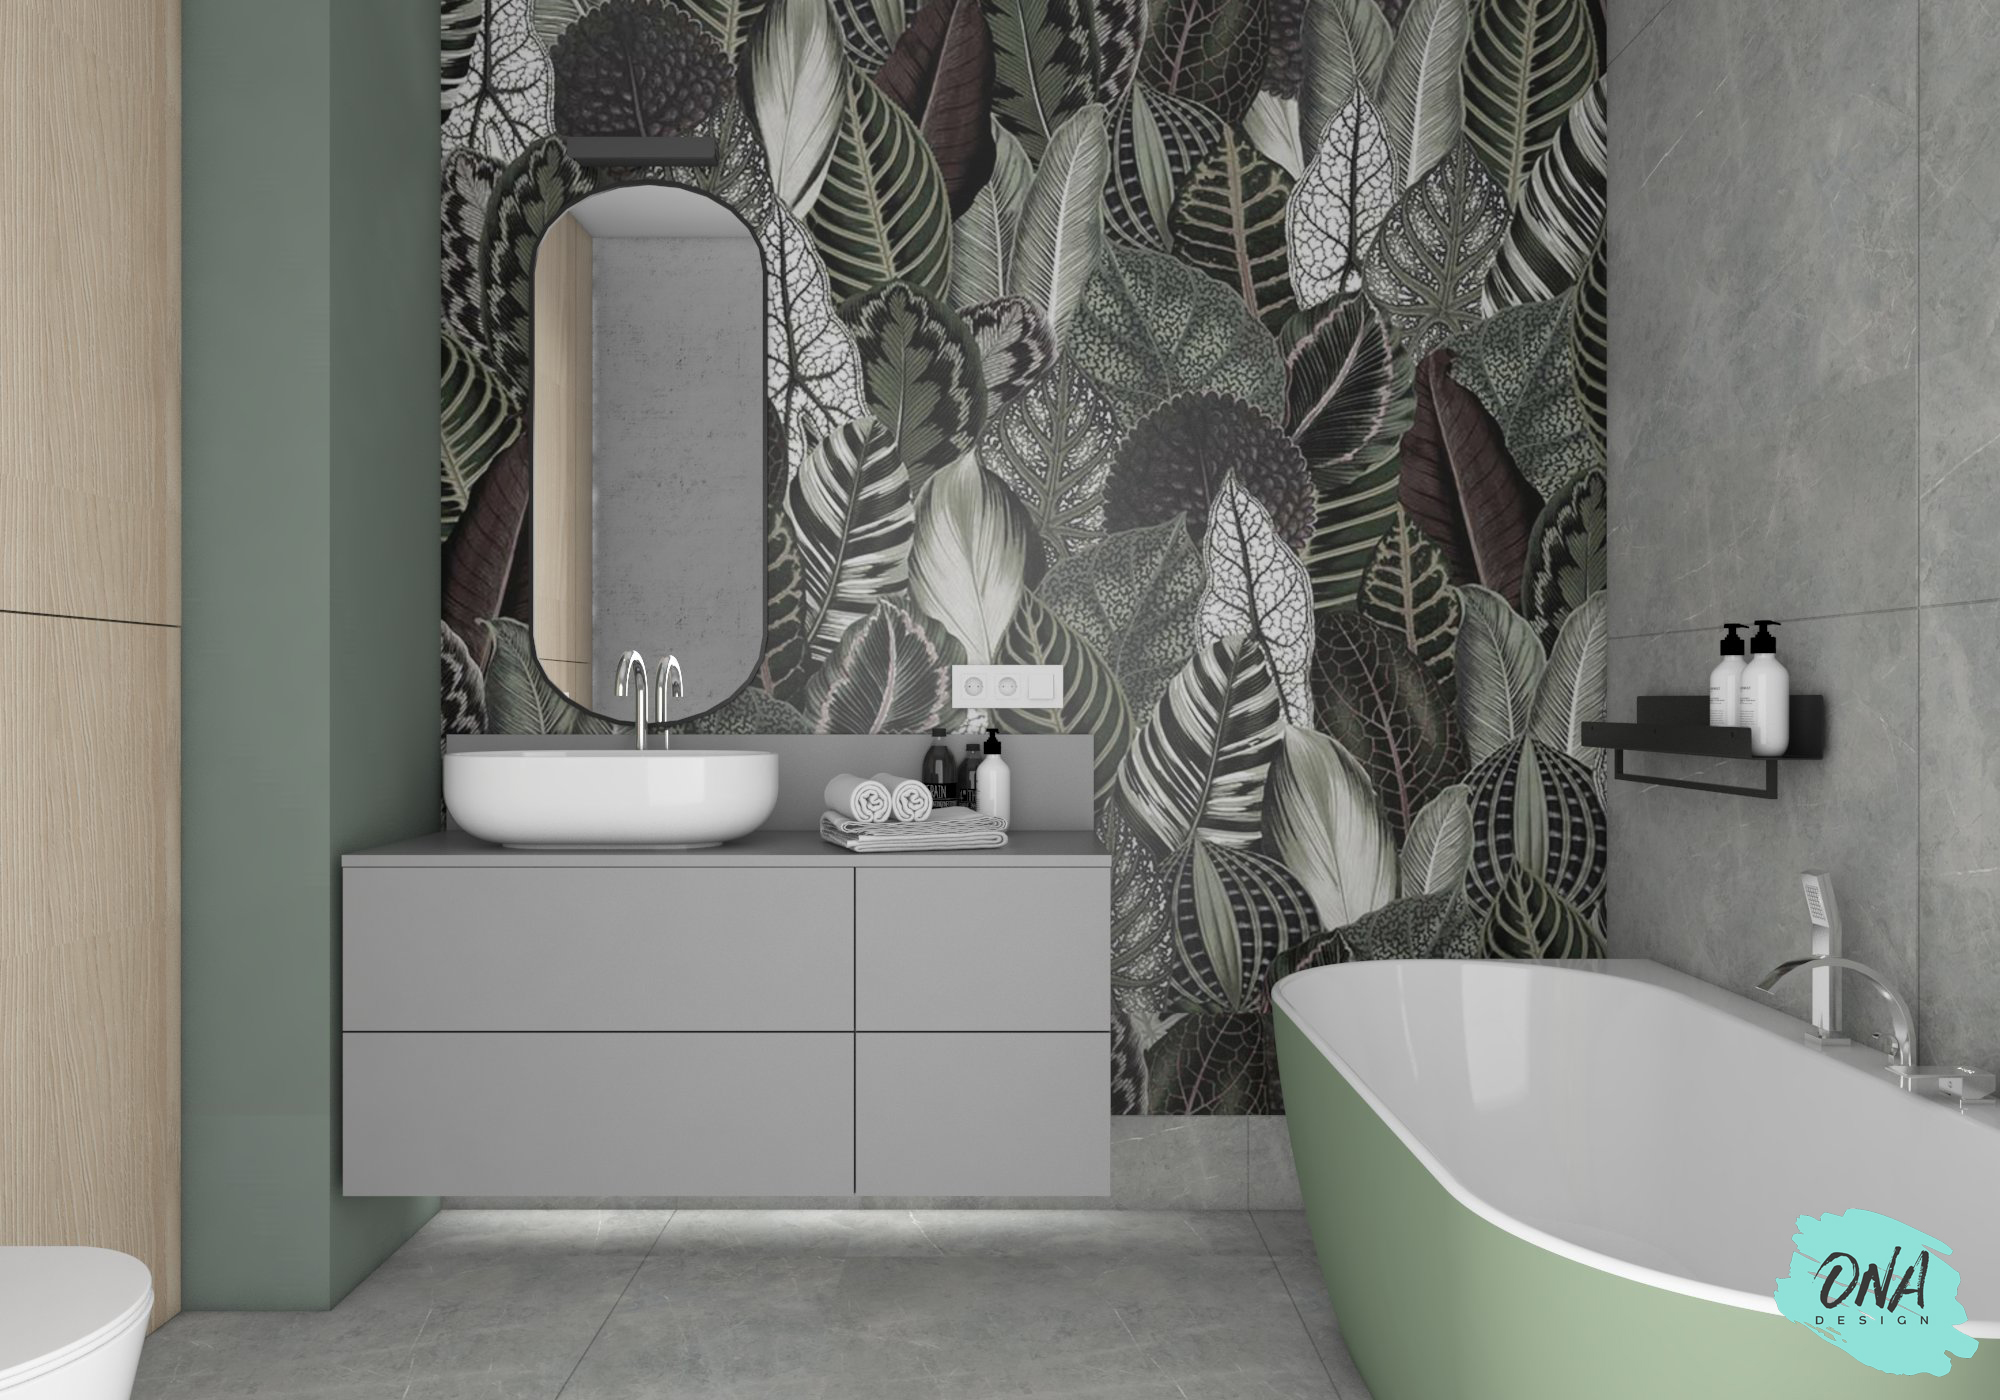 nowoczesna łazienka - projektowanie wnętrz gdańsk